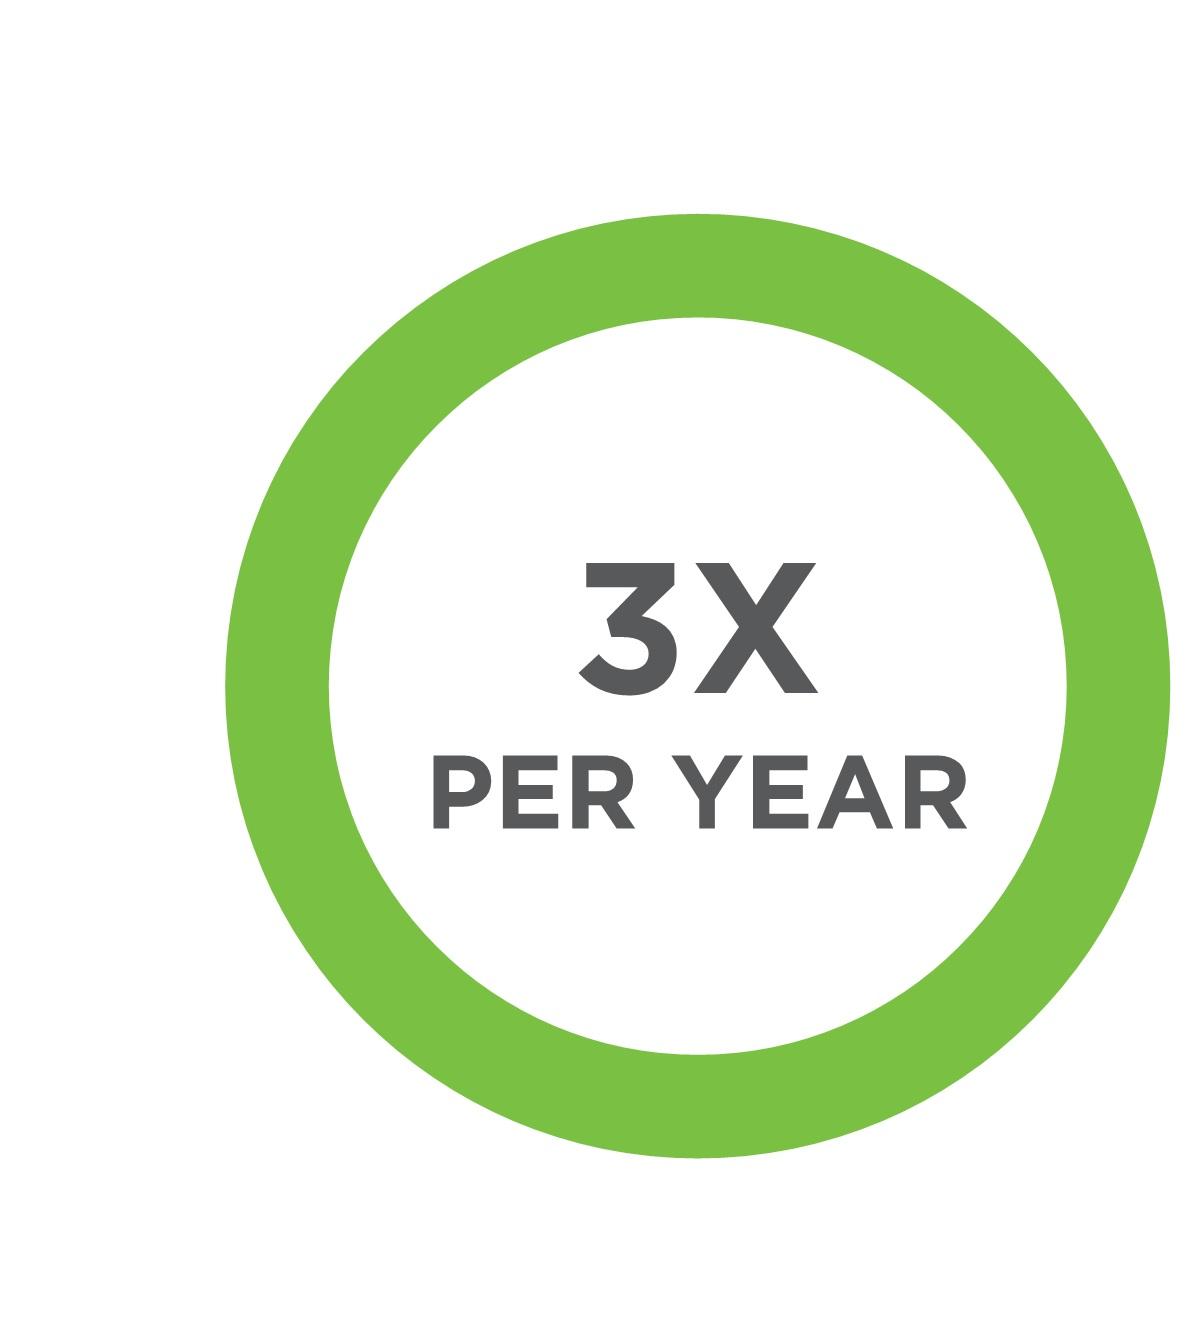 3x per year